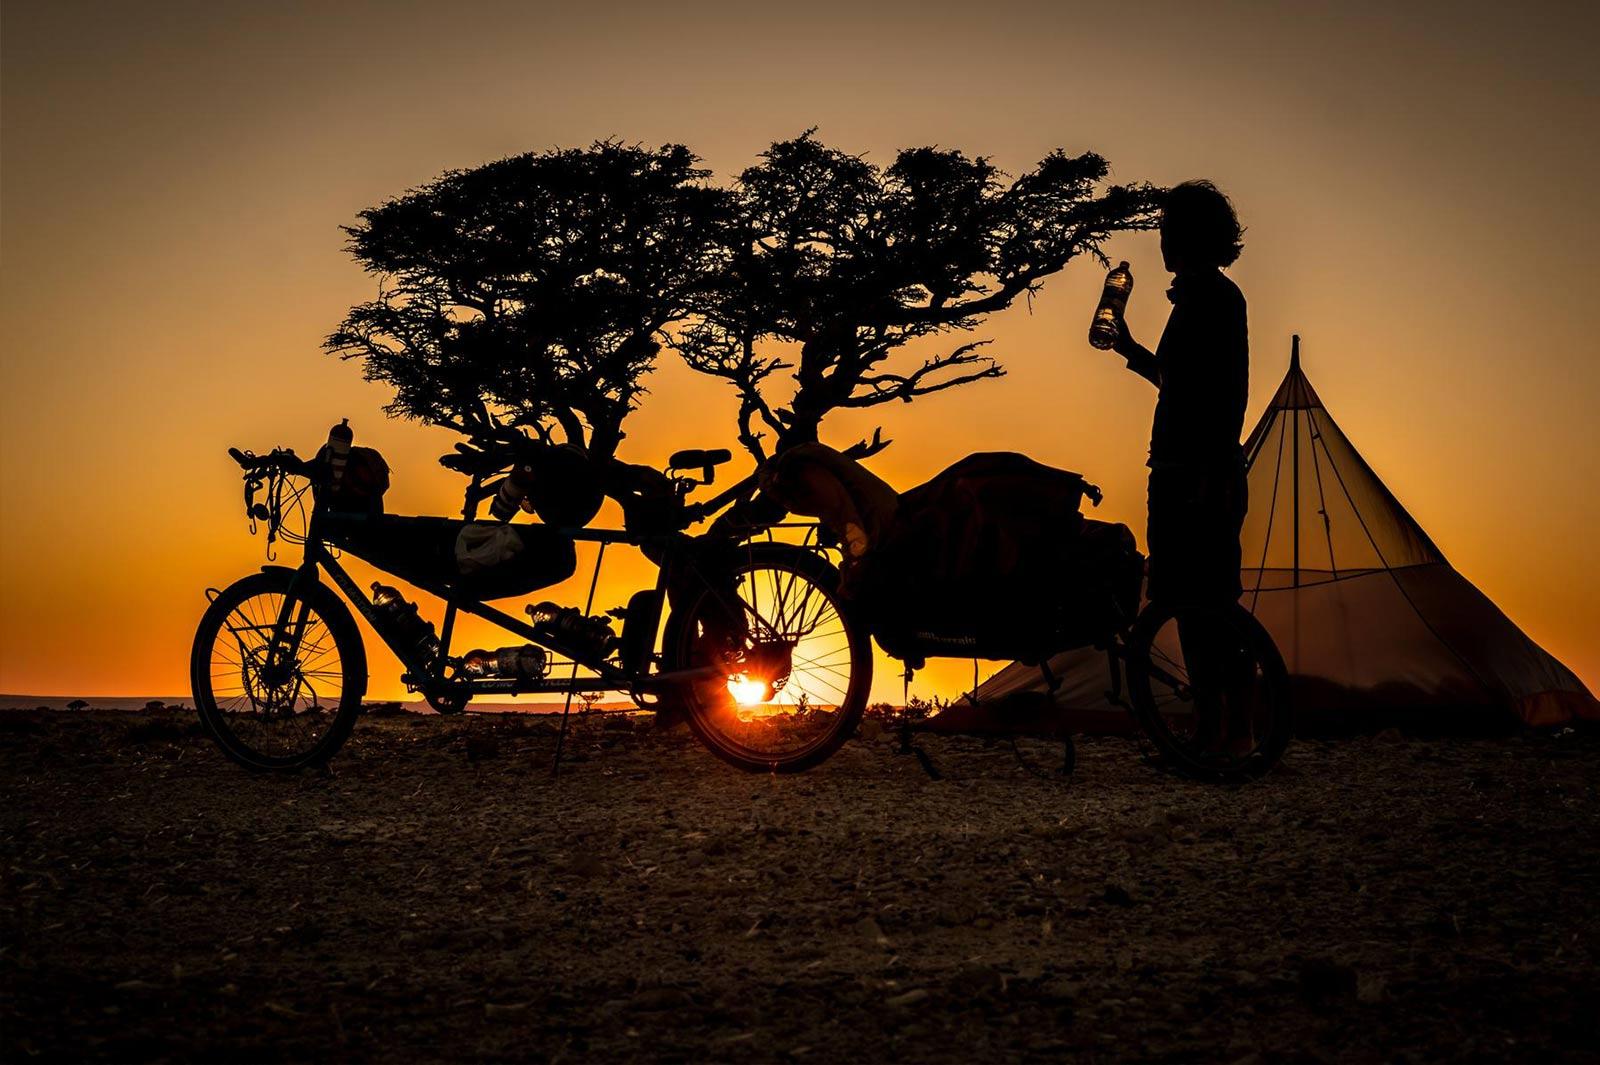 Die Silhouetten eines Mannes, einem Zelt und einem Tandem neben einem Baum im Sonnenuntergang.